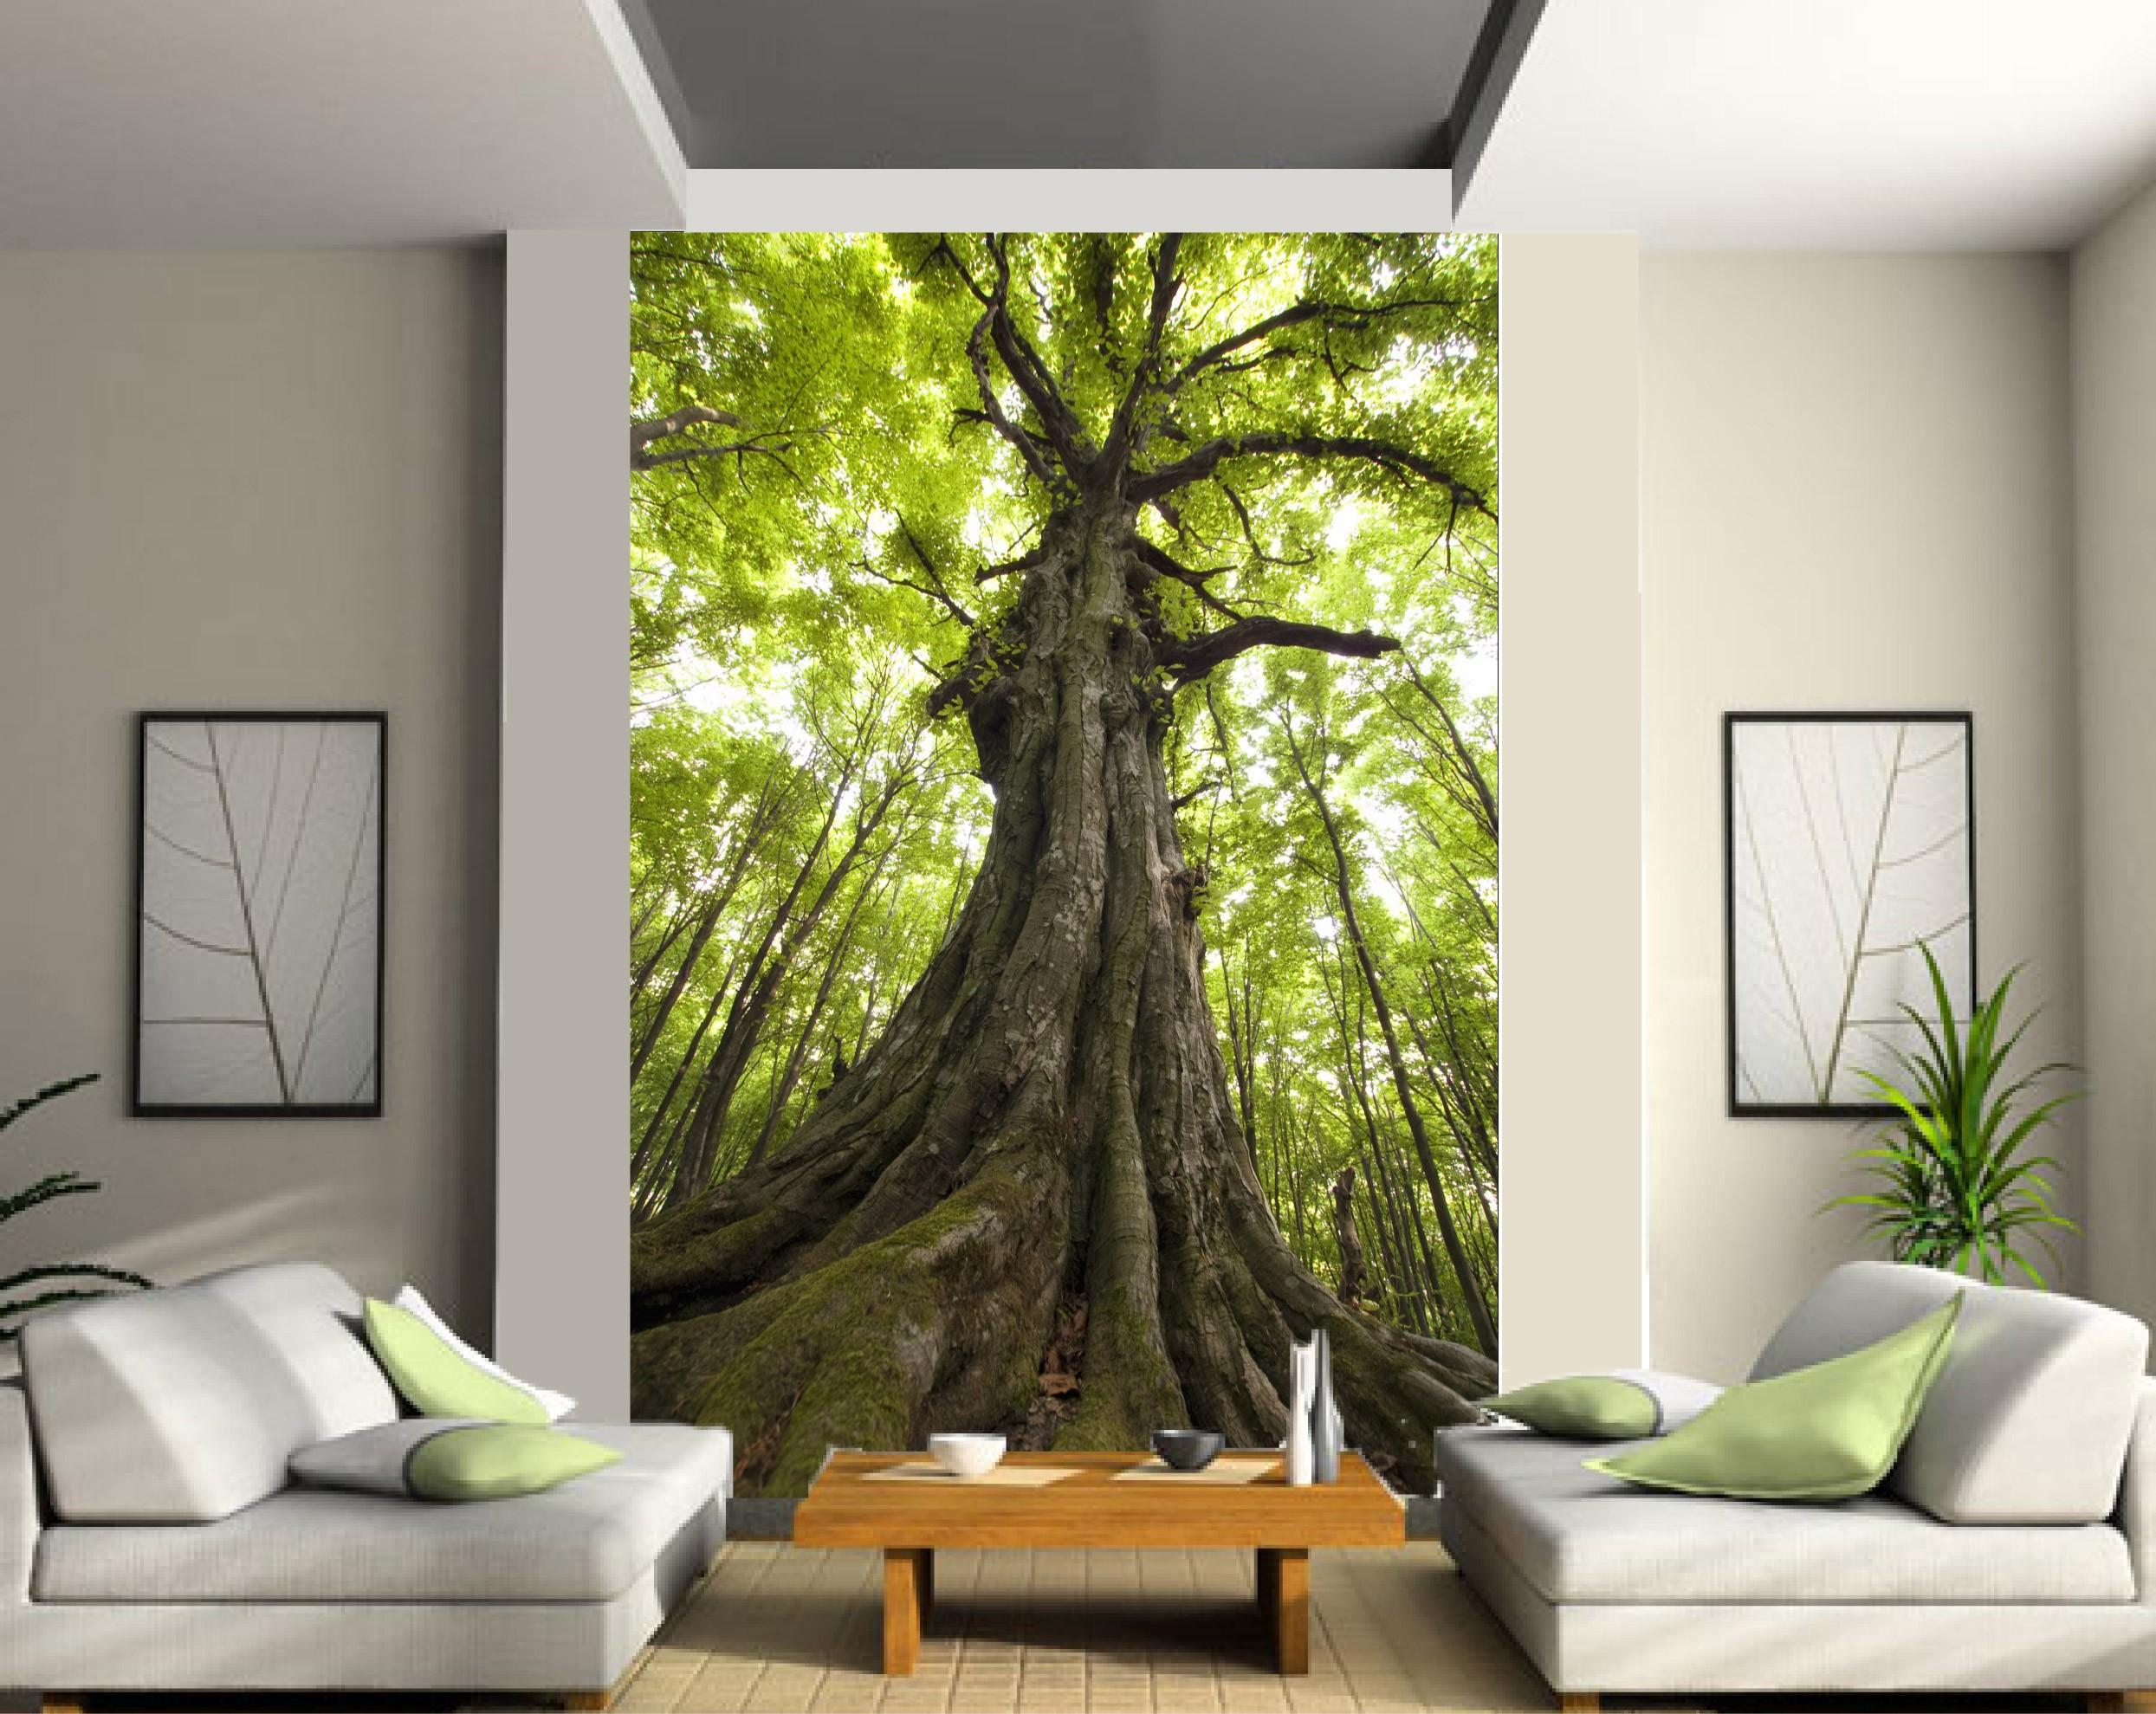 deco arbre top les meilleures ides de la catgorie branche duarbre de dcor nol decoration. Black Bedroom Furniture Sets. Home Design Ideas